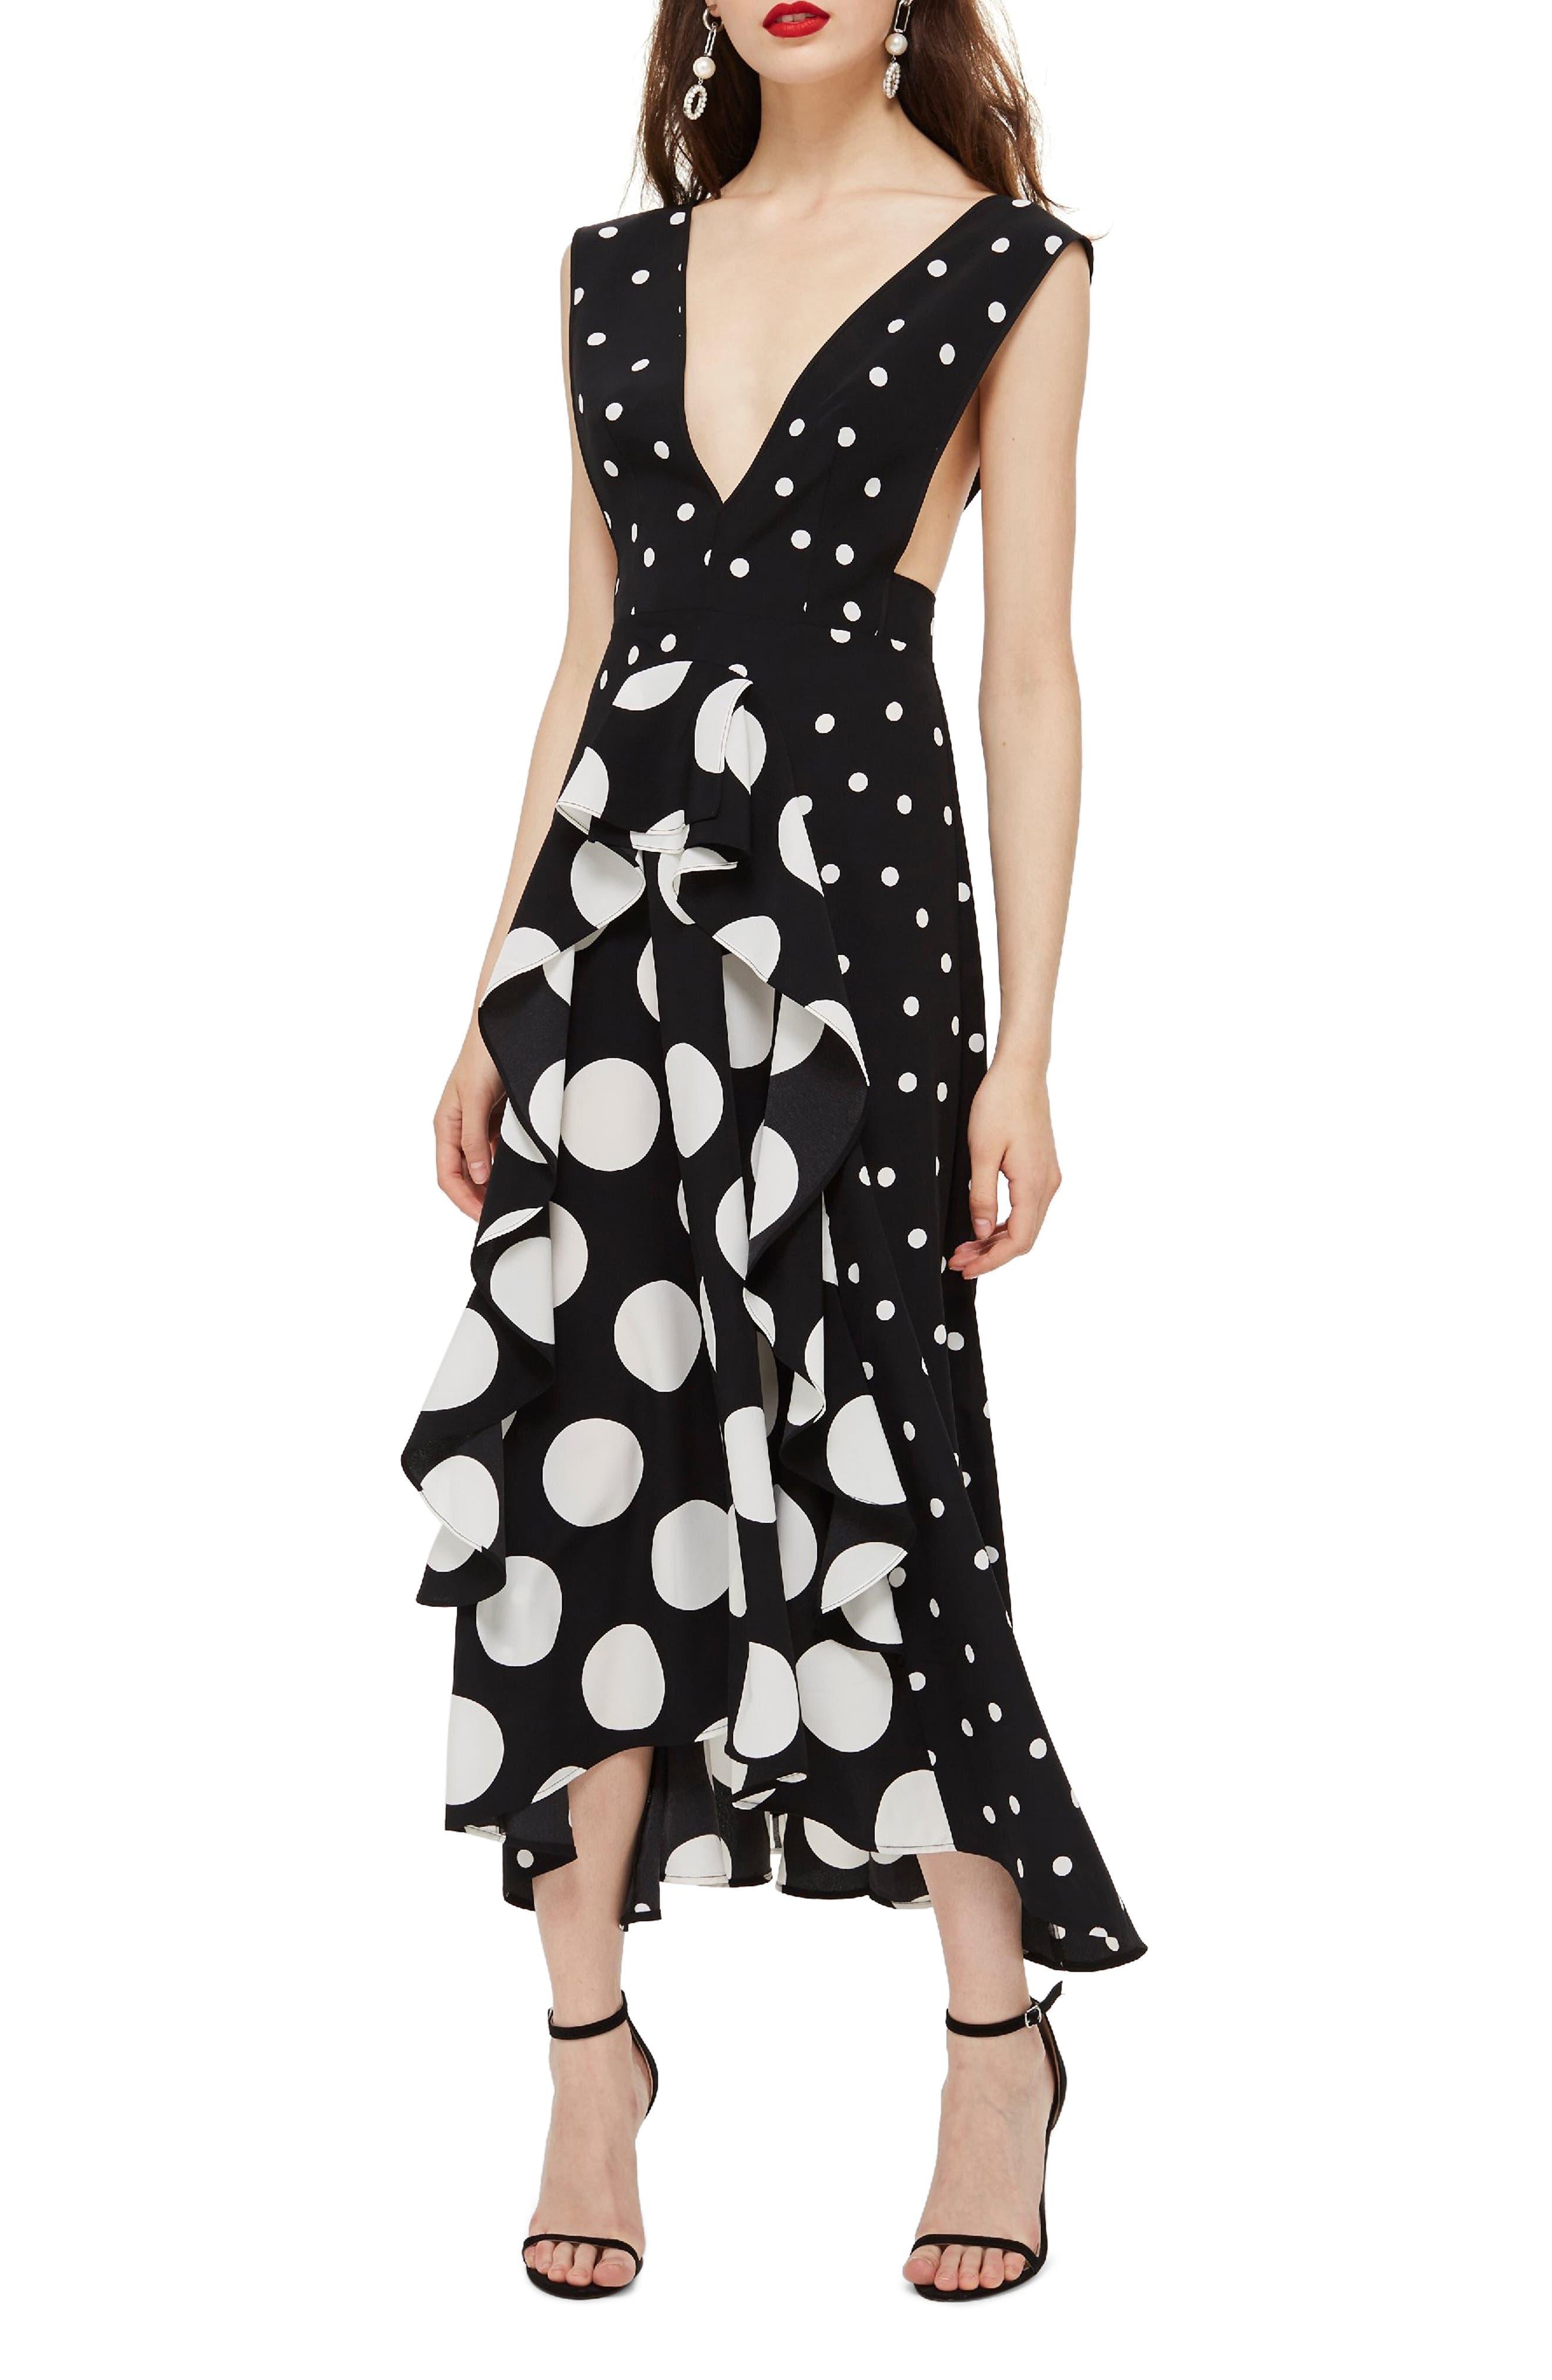 Spot Plunge Neck Midi Dress,                             Main thumbnail 1, color,                             BLACK/ WHITE MULTI